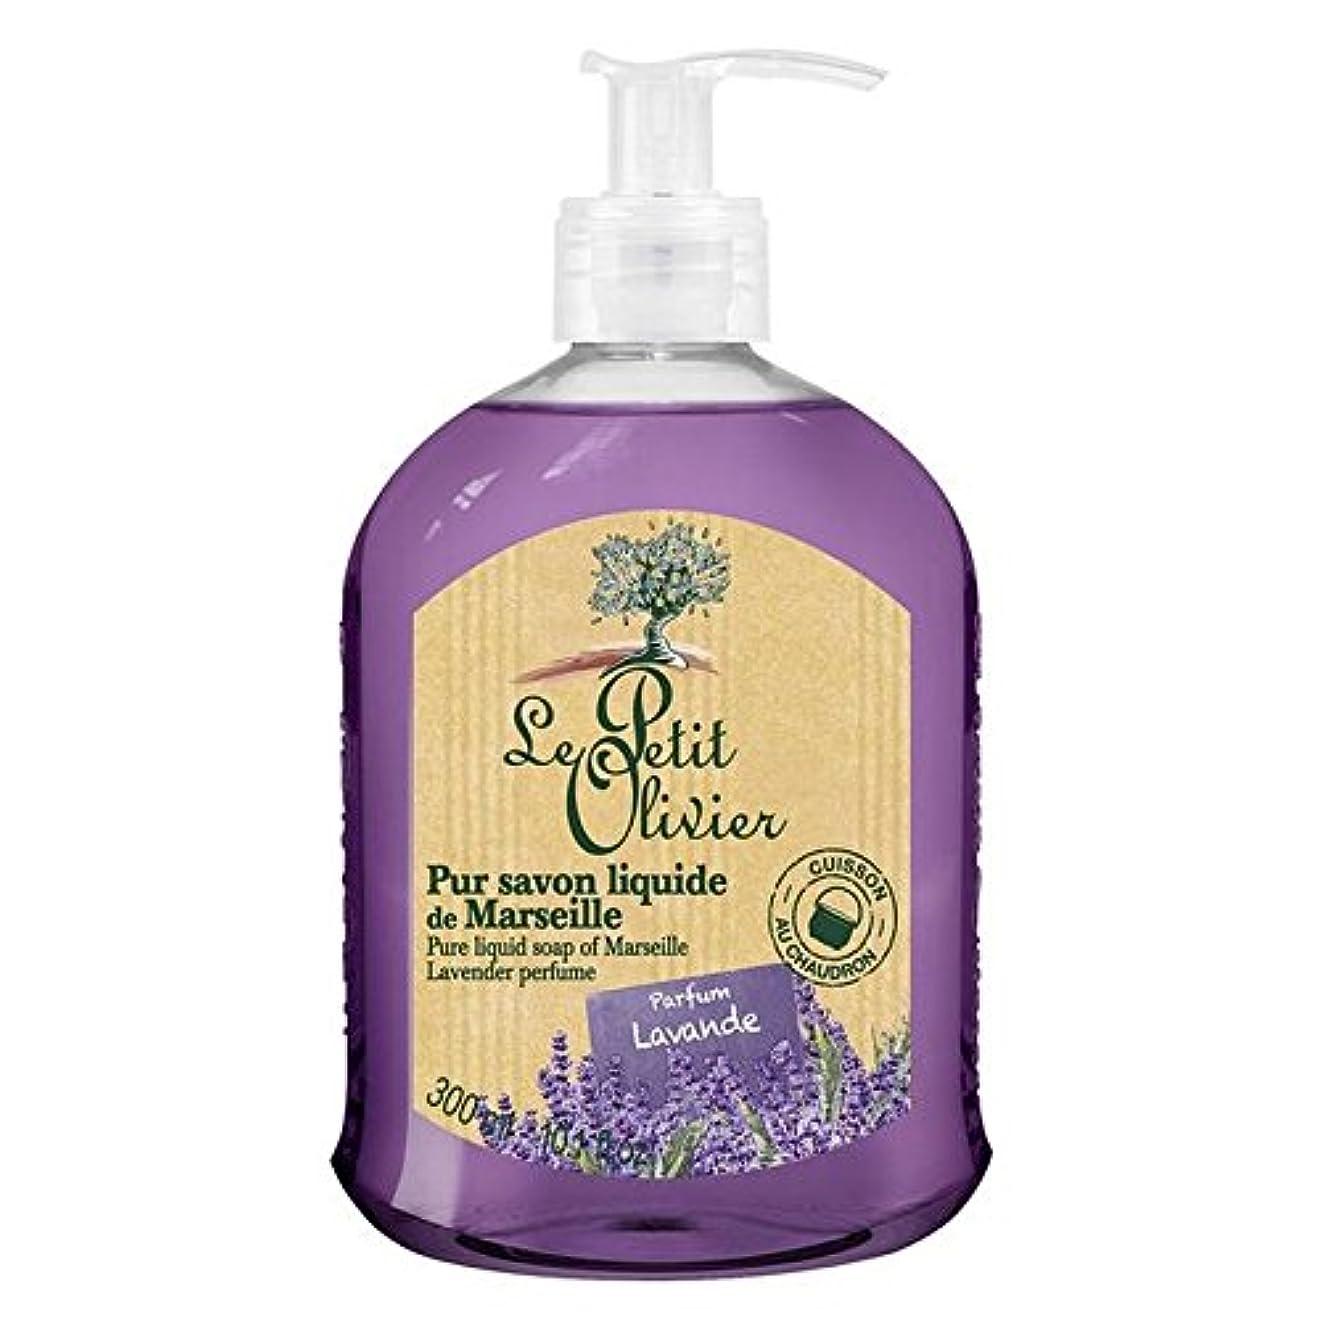 ながらジム疑問を超えてLe Petit Olivier Pure Liquid Soap of Marseille, Lavender 300ml (Pack of 6) - マルセイユのル?プティ?オリヴィエ純粋な液体石鹸、ラベンダー300...